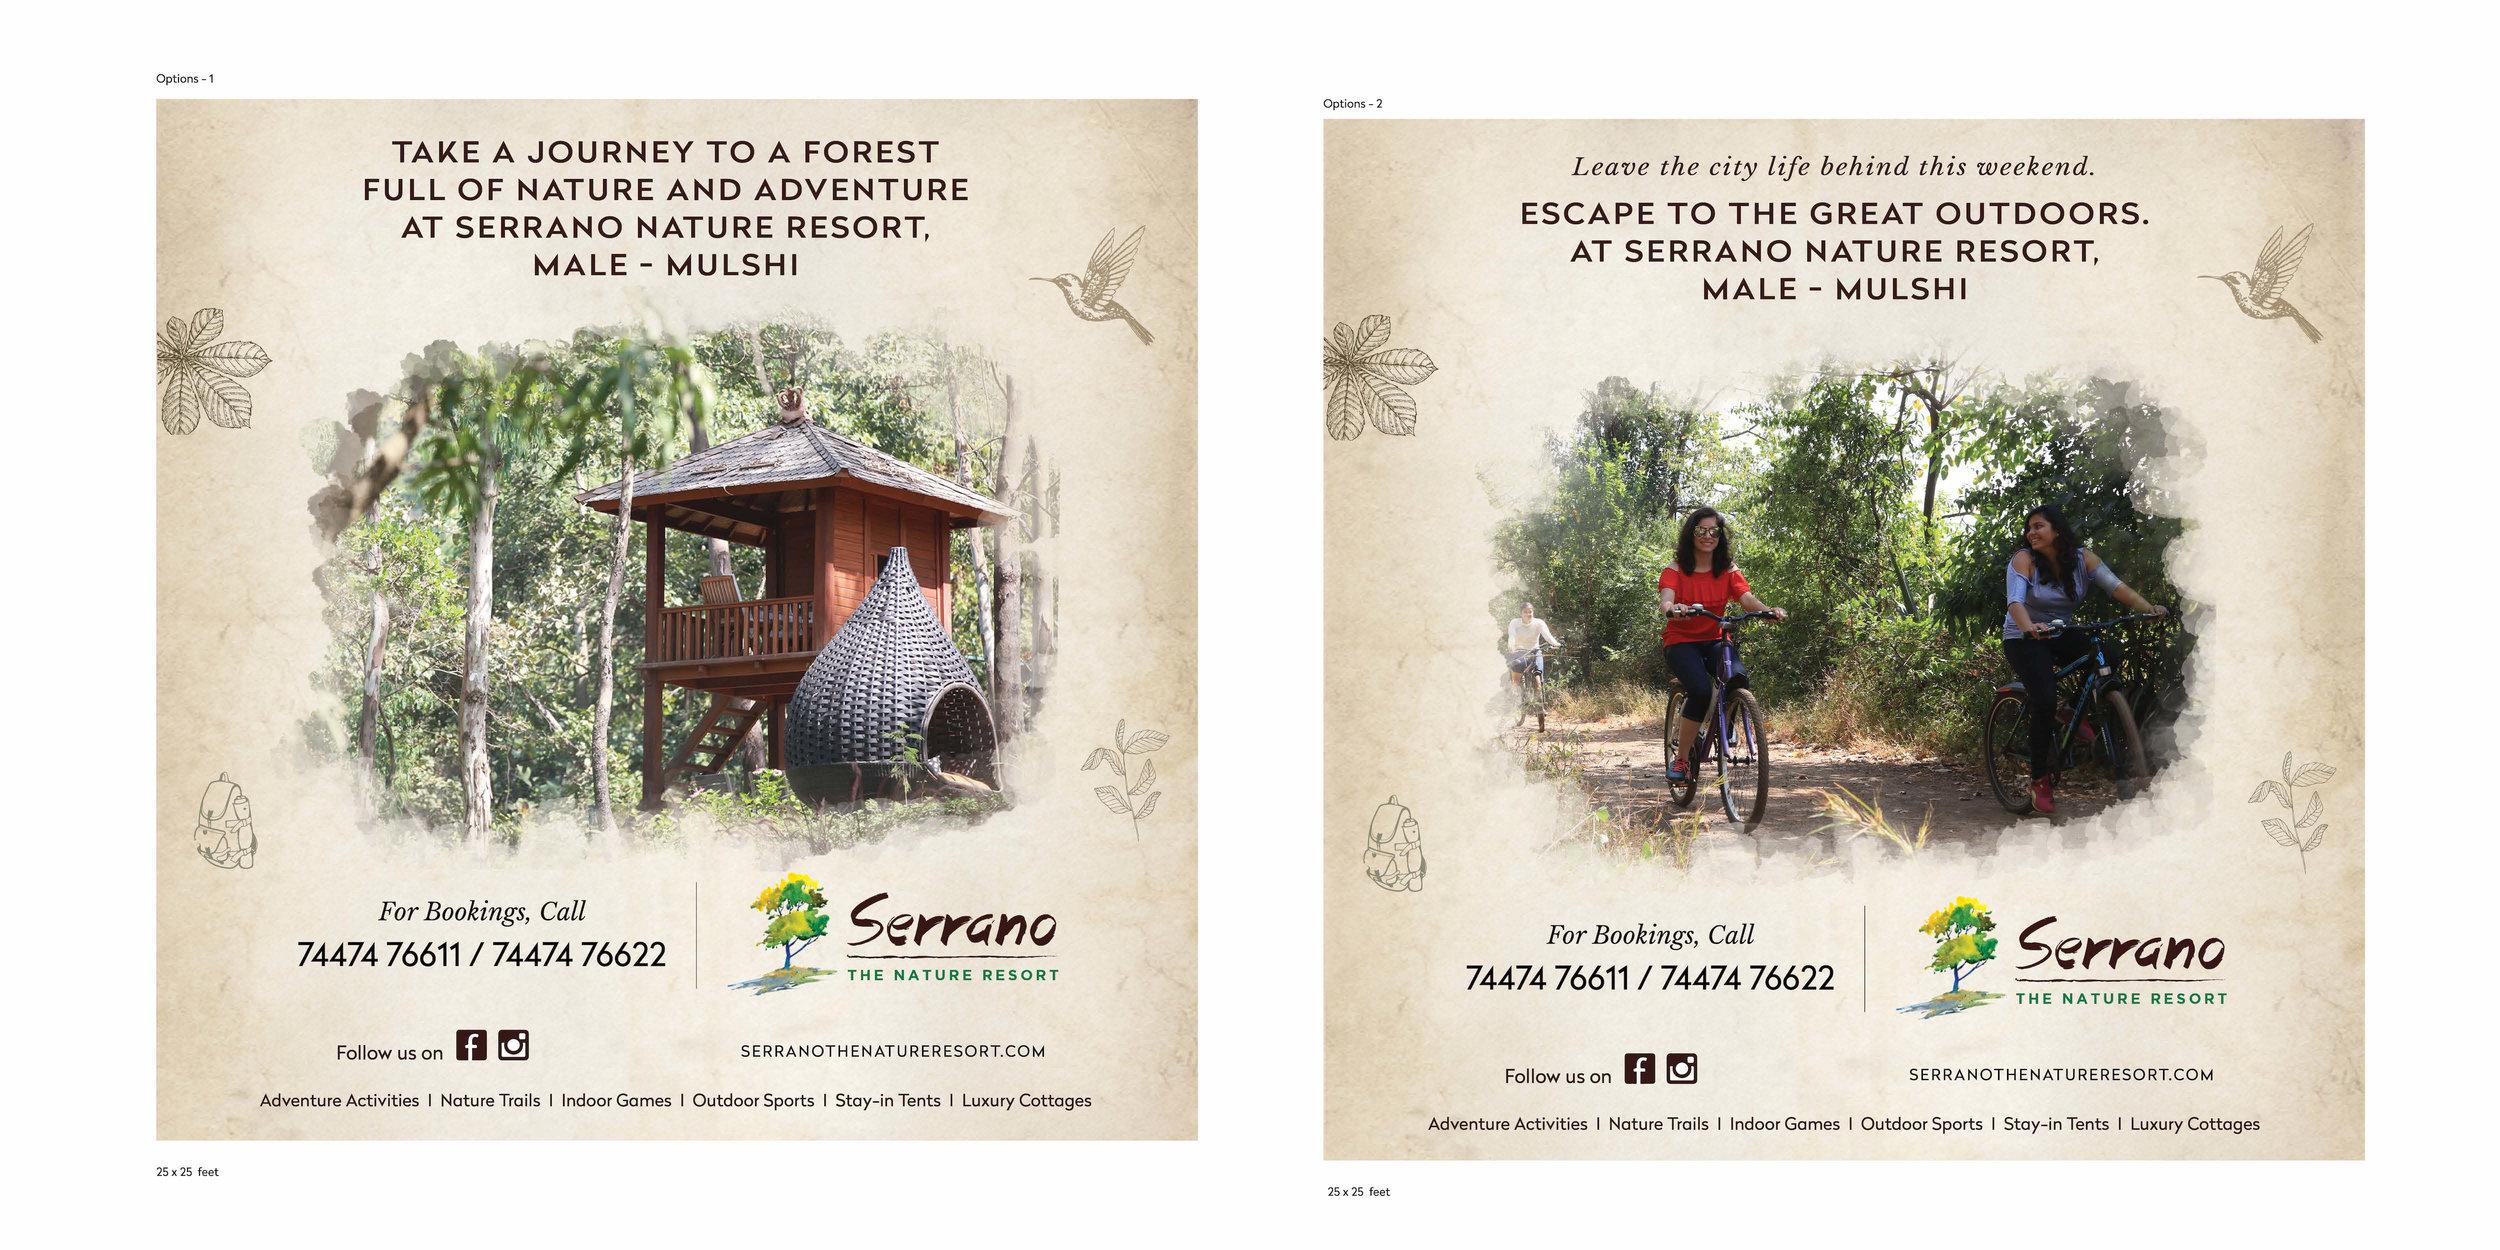 Serrano Nature resort hoarding  25 x 25 Feet.jpg